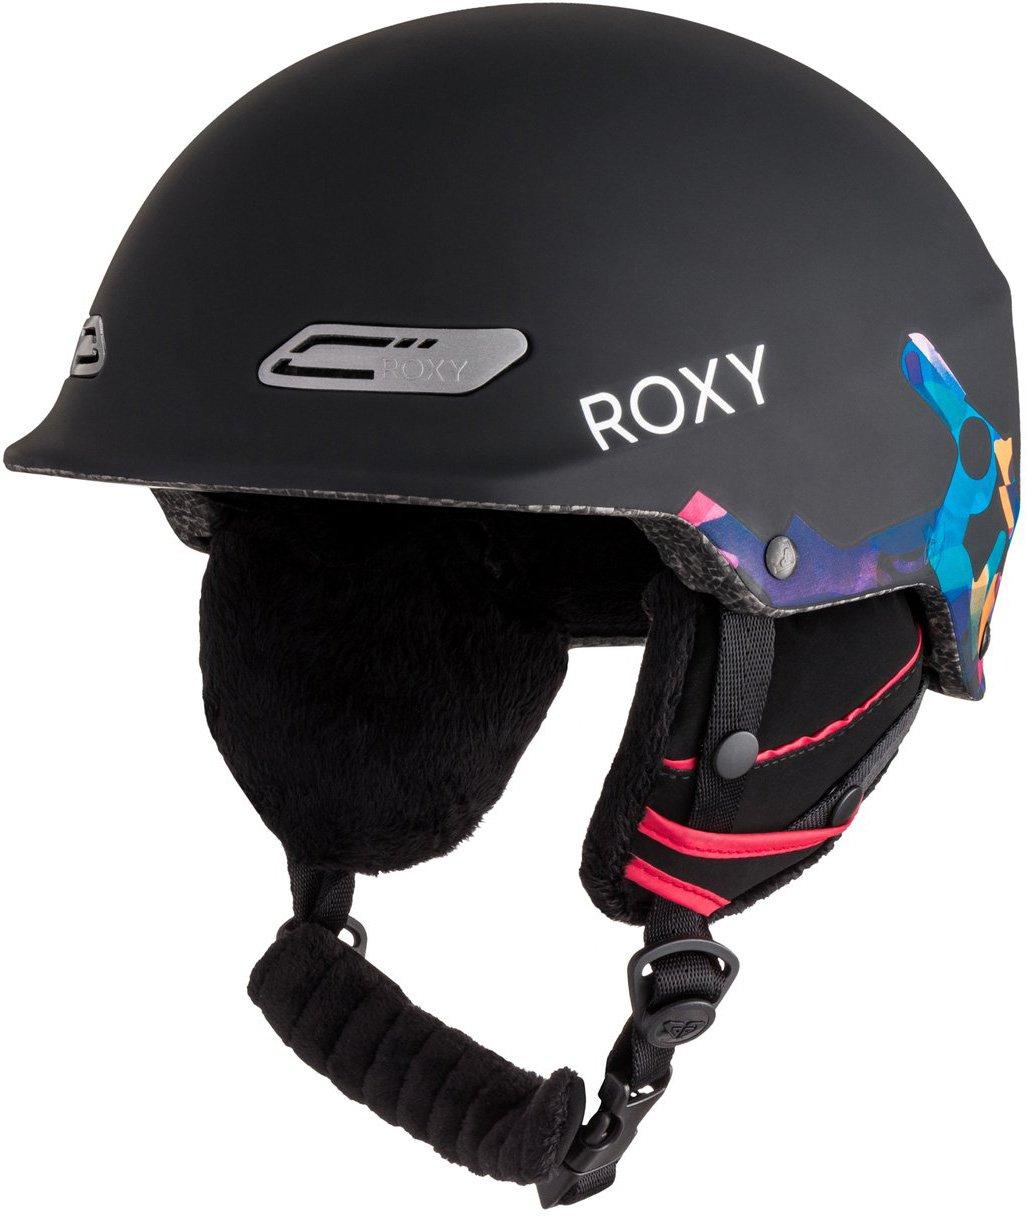 Roxy – Womens電源パウダーヘルメット B0725PJWJY  ブラック 58cm